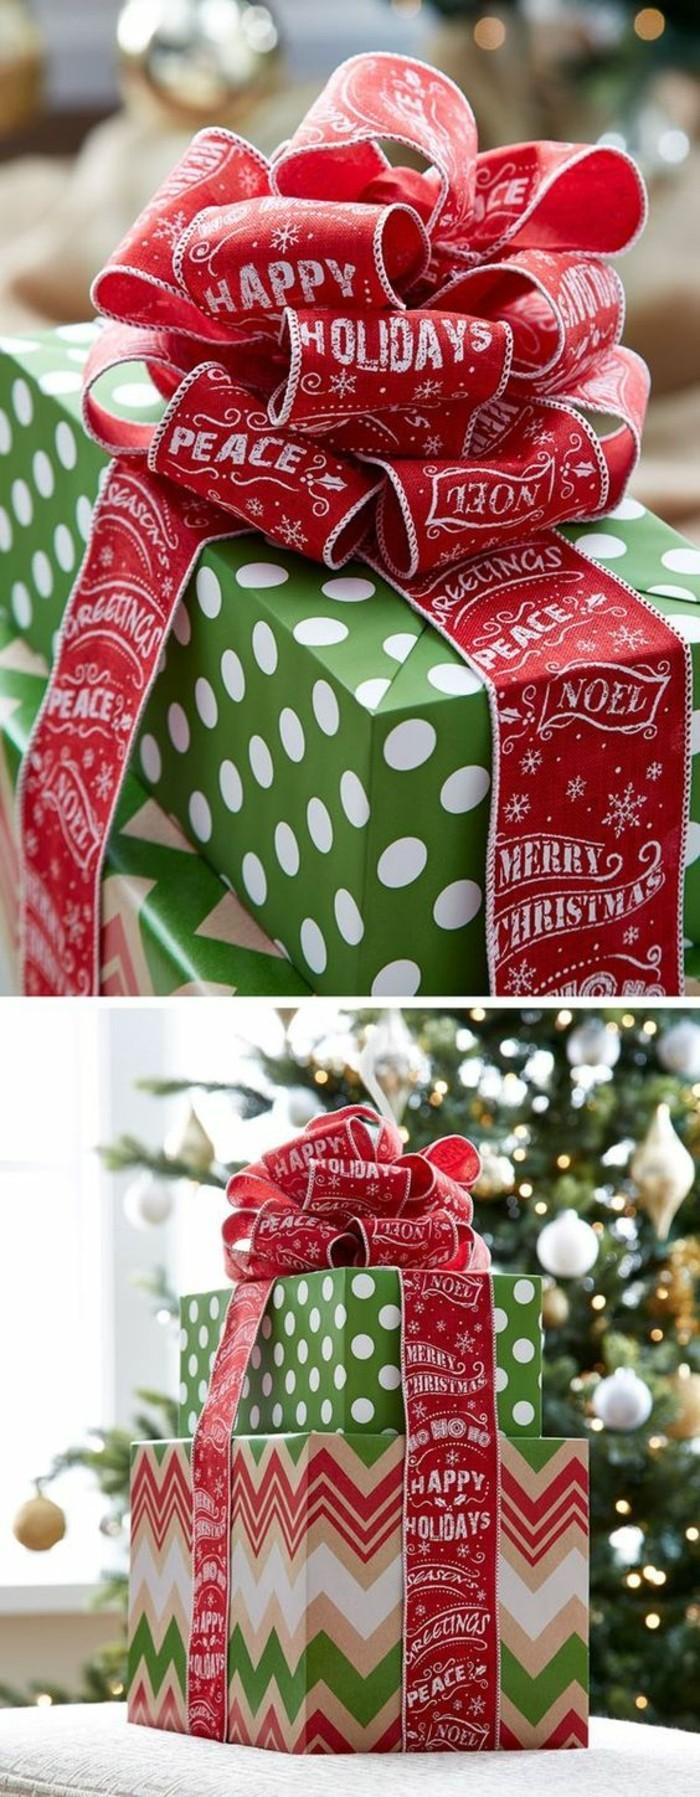 1-geschenkverpackung-verpackung-basteln-in-grun-rot-und-weis